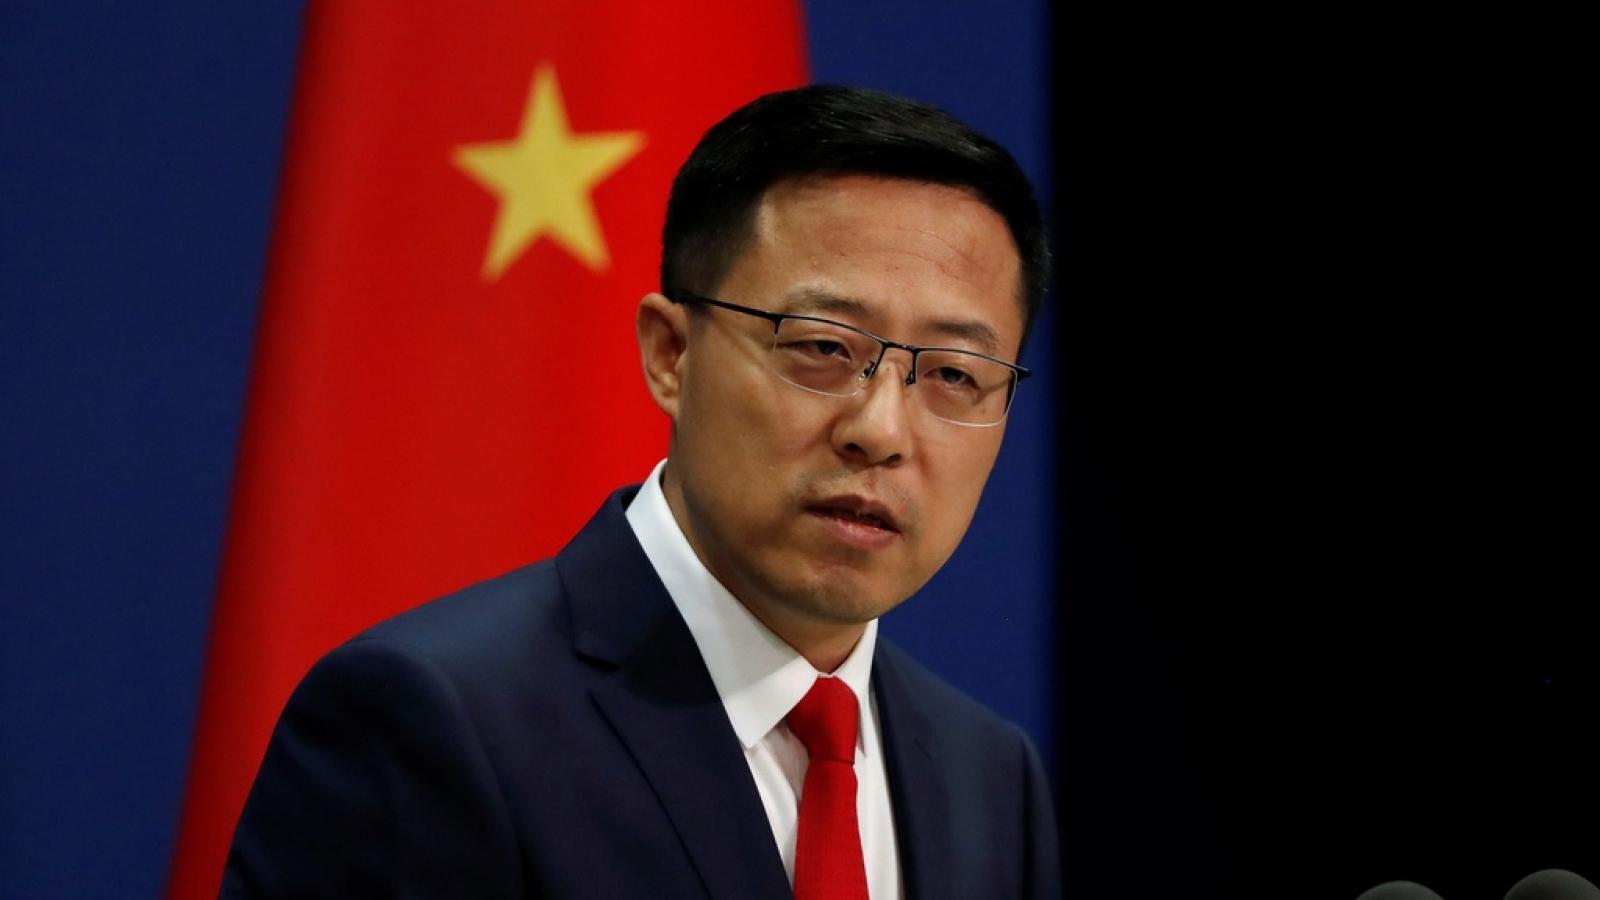 Trung Quốc: Mọi mưu đồ phá hoại quan hệ Trung-Nga đều sẽ không thành công